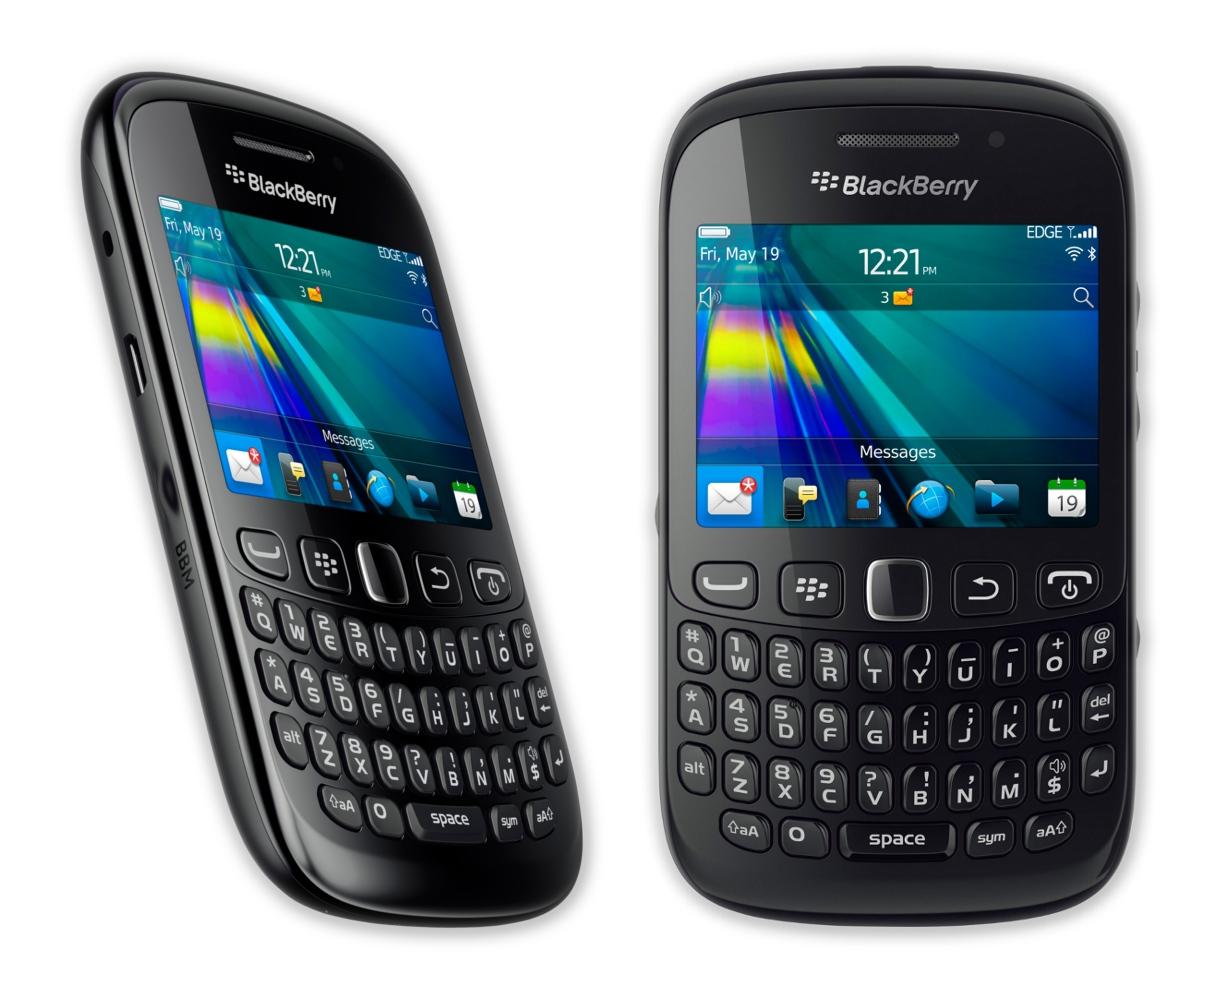 Daftar Harga Beserta Gambar Laptop Asus 2013 Harga Hp Terbaru 2015 Spesifikasi Review Gambar Handphone Blackberry Dan Harganya Newhairstylesformen2014